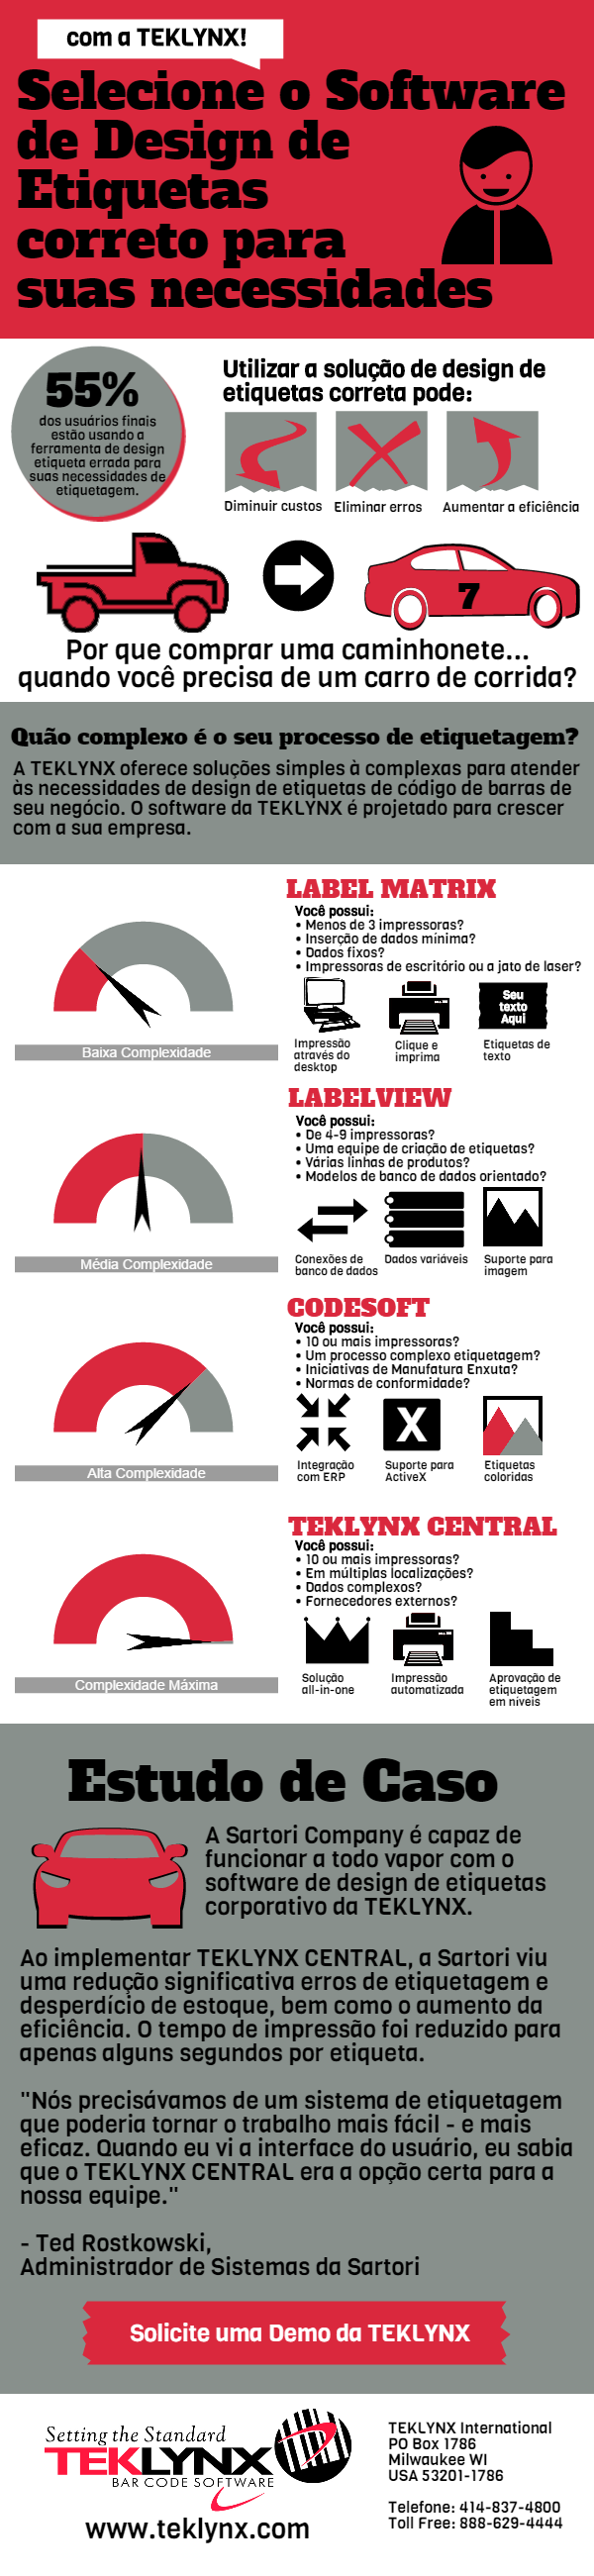 Infográfico Gratuito sobre Selecionar o Software de Designt de Etiquetas Correto